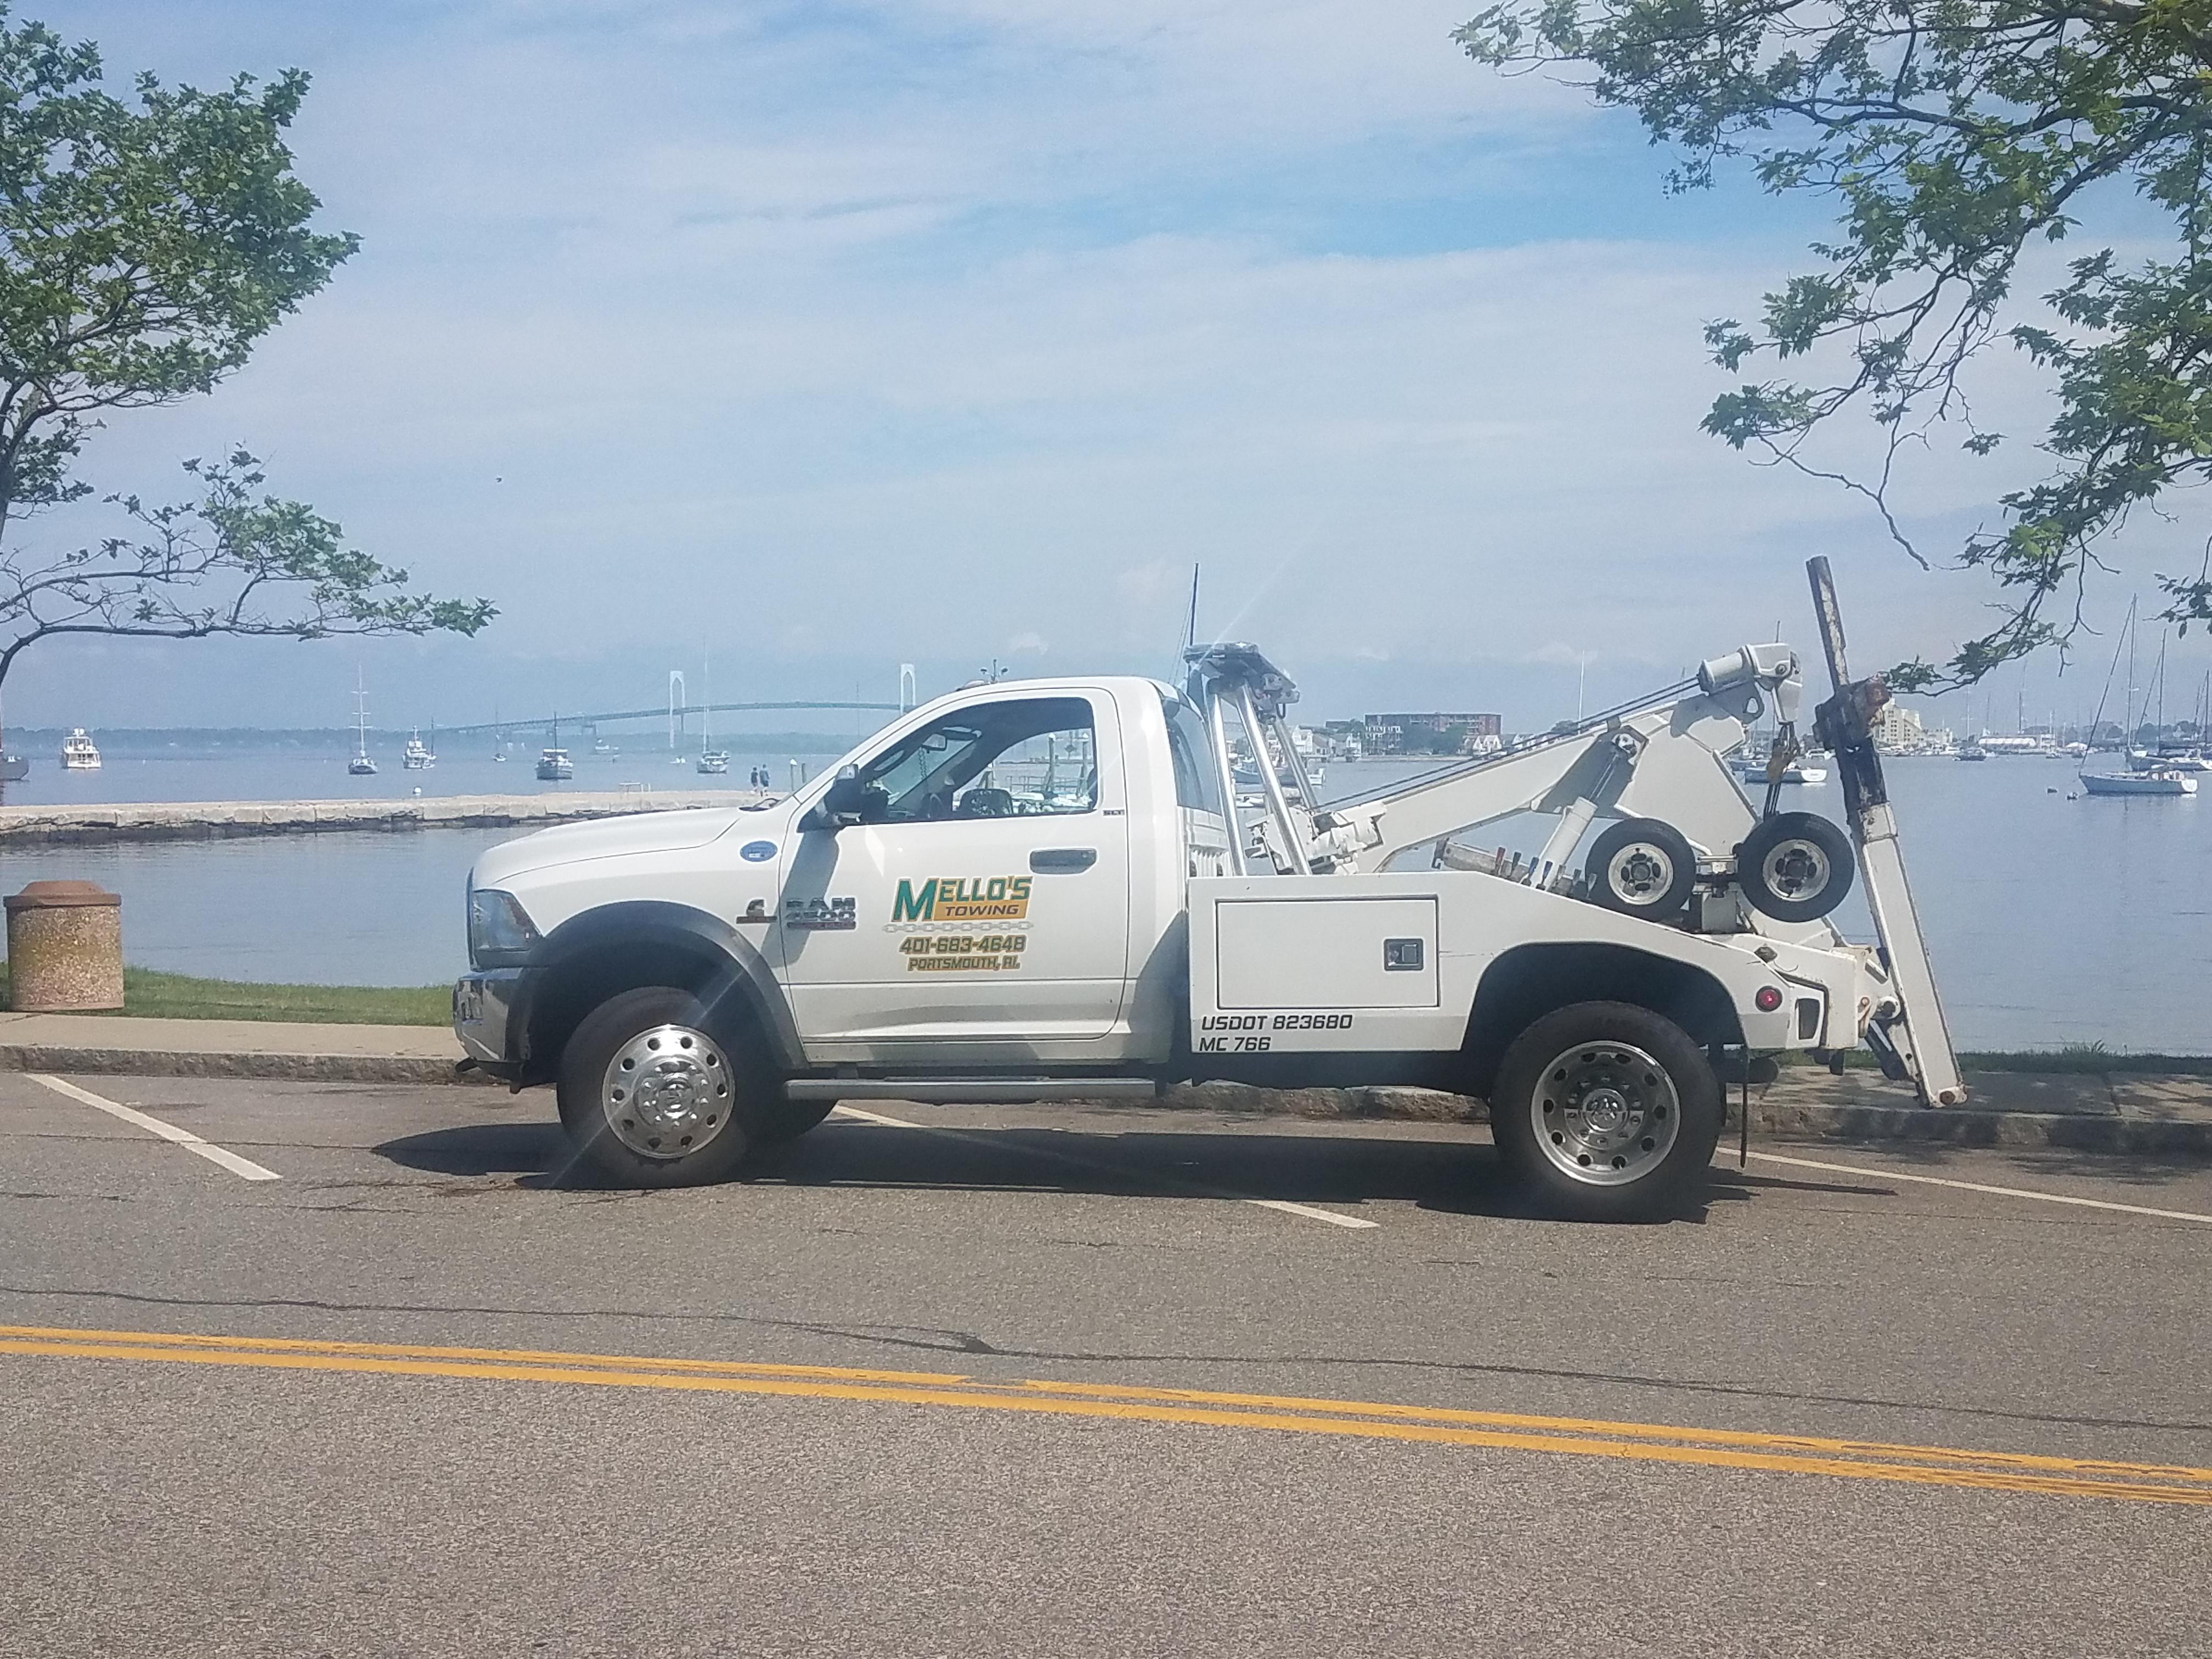 Mello's Towing LLC 1650 W Main Rd Portsmouth, RI Auto Repair - MapQuest